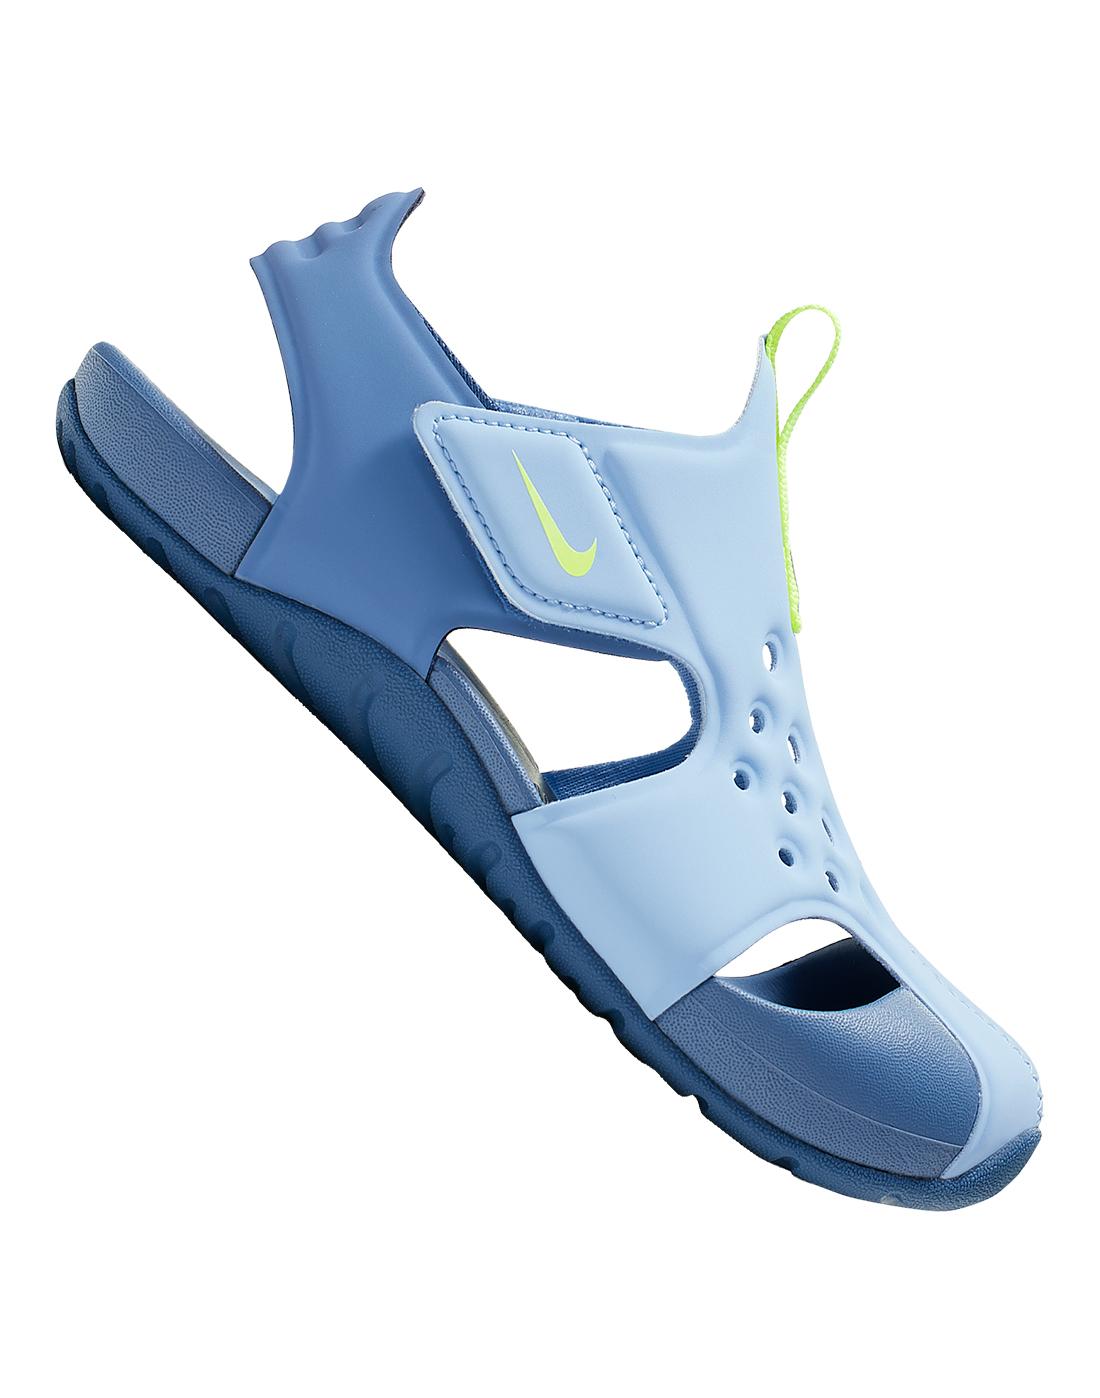 prefacio Absoluto Casa de la carretera  Young Kid's Blue Nike Sunray Protect Sandals | Life Style Sports